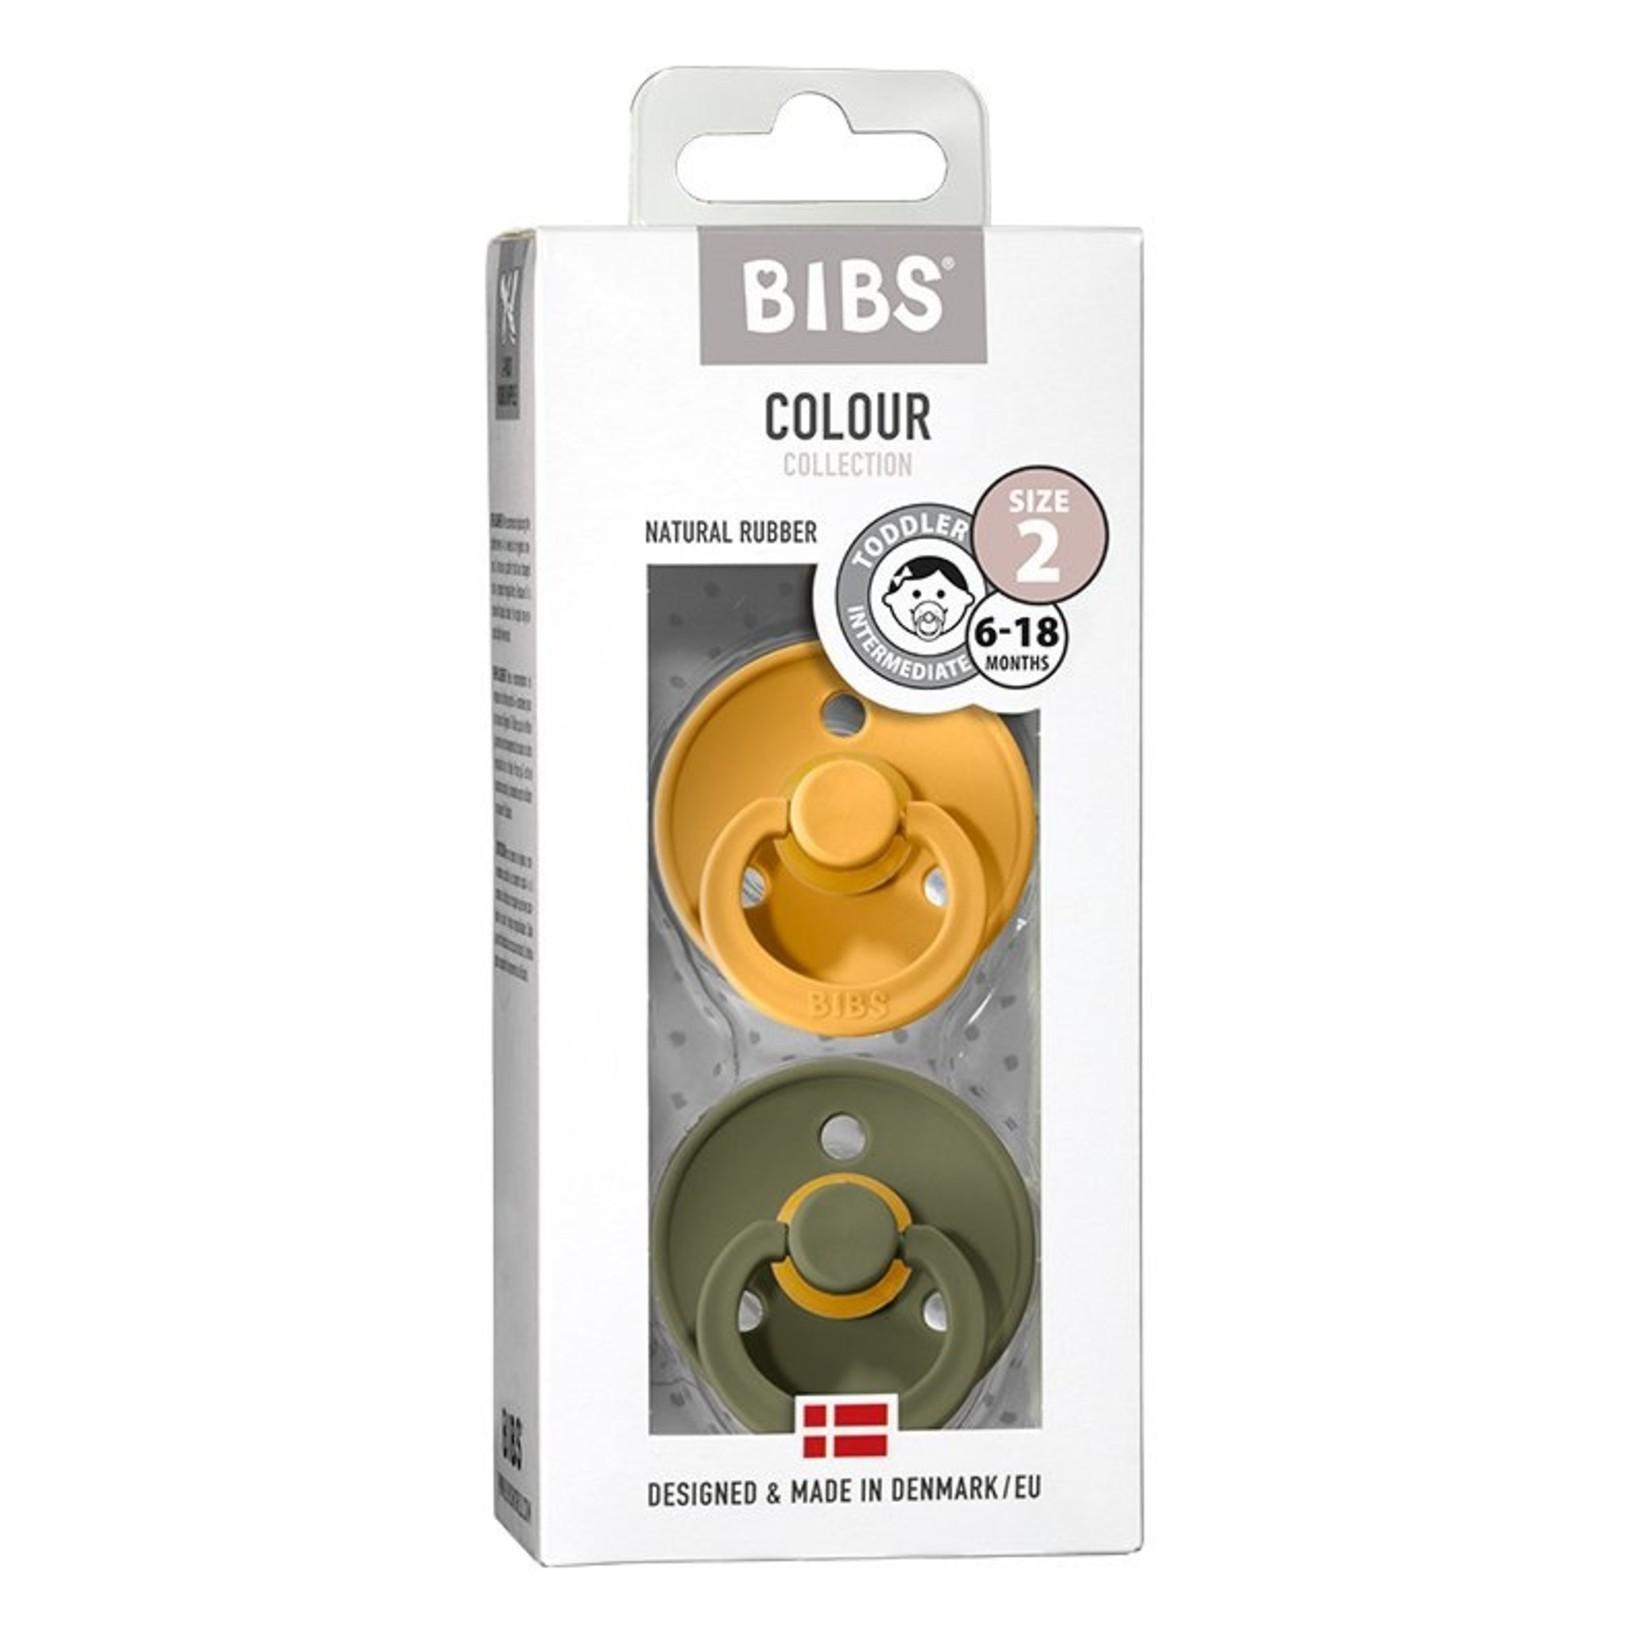 BIBS Bibs fopspenen natuurrubber blister Honeybee / Olive T2